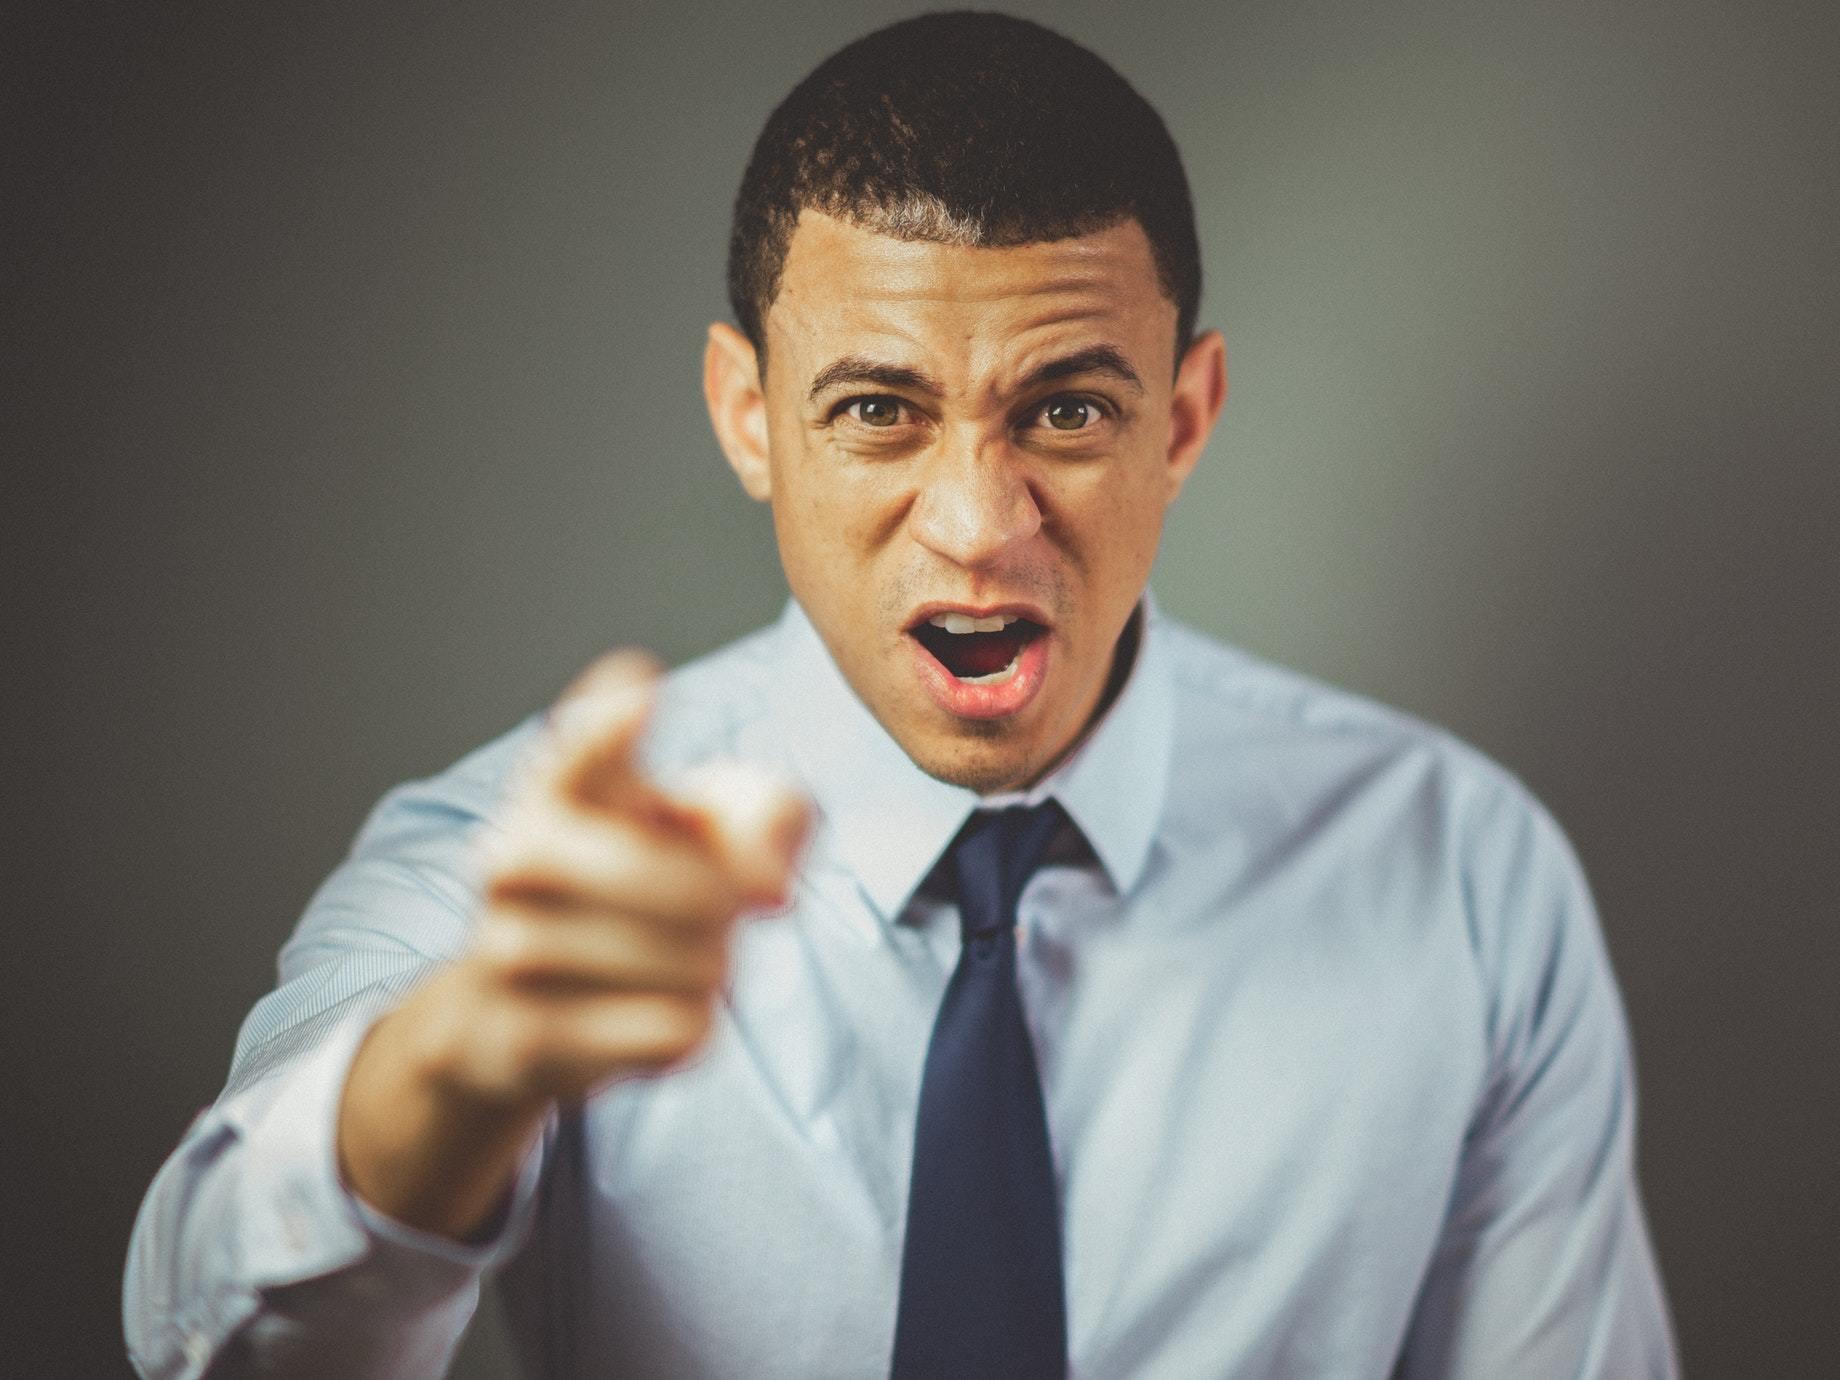 與其事後收爛攤,不如事前「零錯誤」!3個方法有效防範職場違規